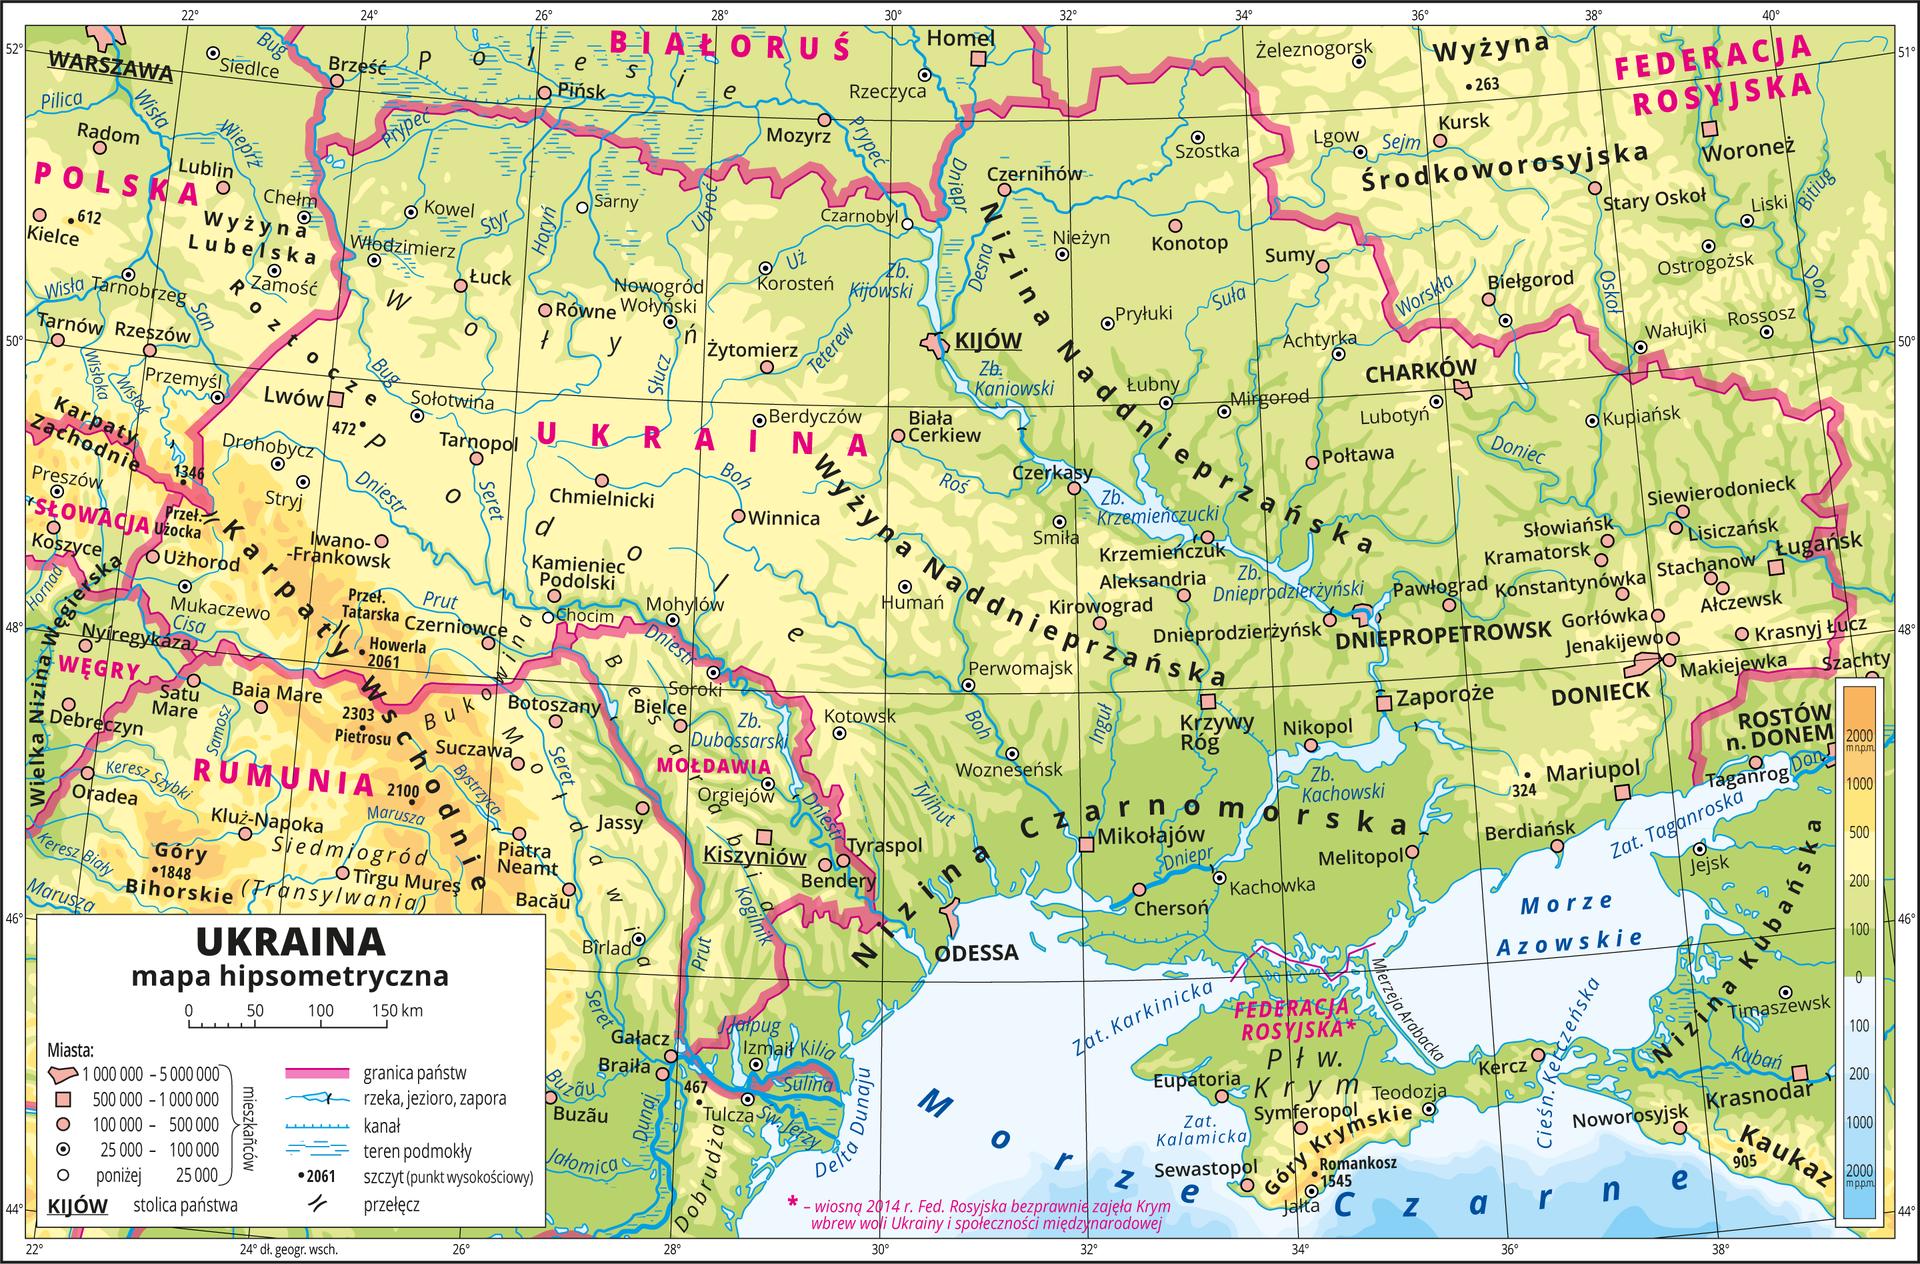 Ilustracja przedstawia mapę hipsometryczną Ukrainy. Wobrębie lądów występują obszary wkolorze zielonym, żółtym ipomarańczowym. Na północy przeważają obszary wkolorze zielonym przechodzące ku południowemu-zachodowi wkolor żółty ipomarańczowy. Wdolnej części mapy Morze Czarne iMorze Azowskie zaznaczone kolorem niebieskim. Na mapie opisano nazwy półwyspów, wysp, nizin, wyżyn ipasm górskich, mórz, zatok, cieśnin, rzek ijezior. Oznaczono iopisano główne miasta. Oznaczono czarnymi kropkami iopisano szczyty górskie. Różową wstążką oznaczono granice państw. Kolorem czerwonym opisano państwa sąsiadujące zUkrainą. Mapa pokryta jest równoleżnikami ipołudnikami. Dookoła mapy wbiałej ramce opisano współrzędne geograficzne co dwa stopnie. Wlegendzie umieszczono iopisano znaki użyte na mapie.